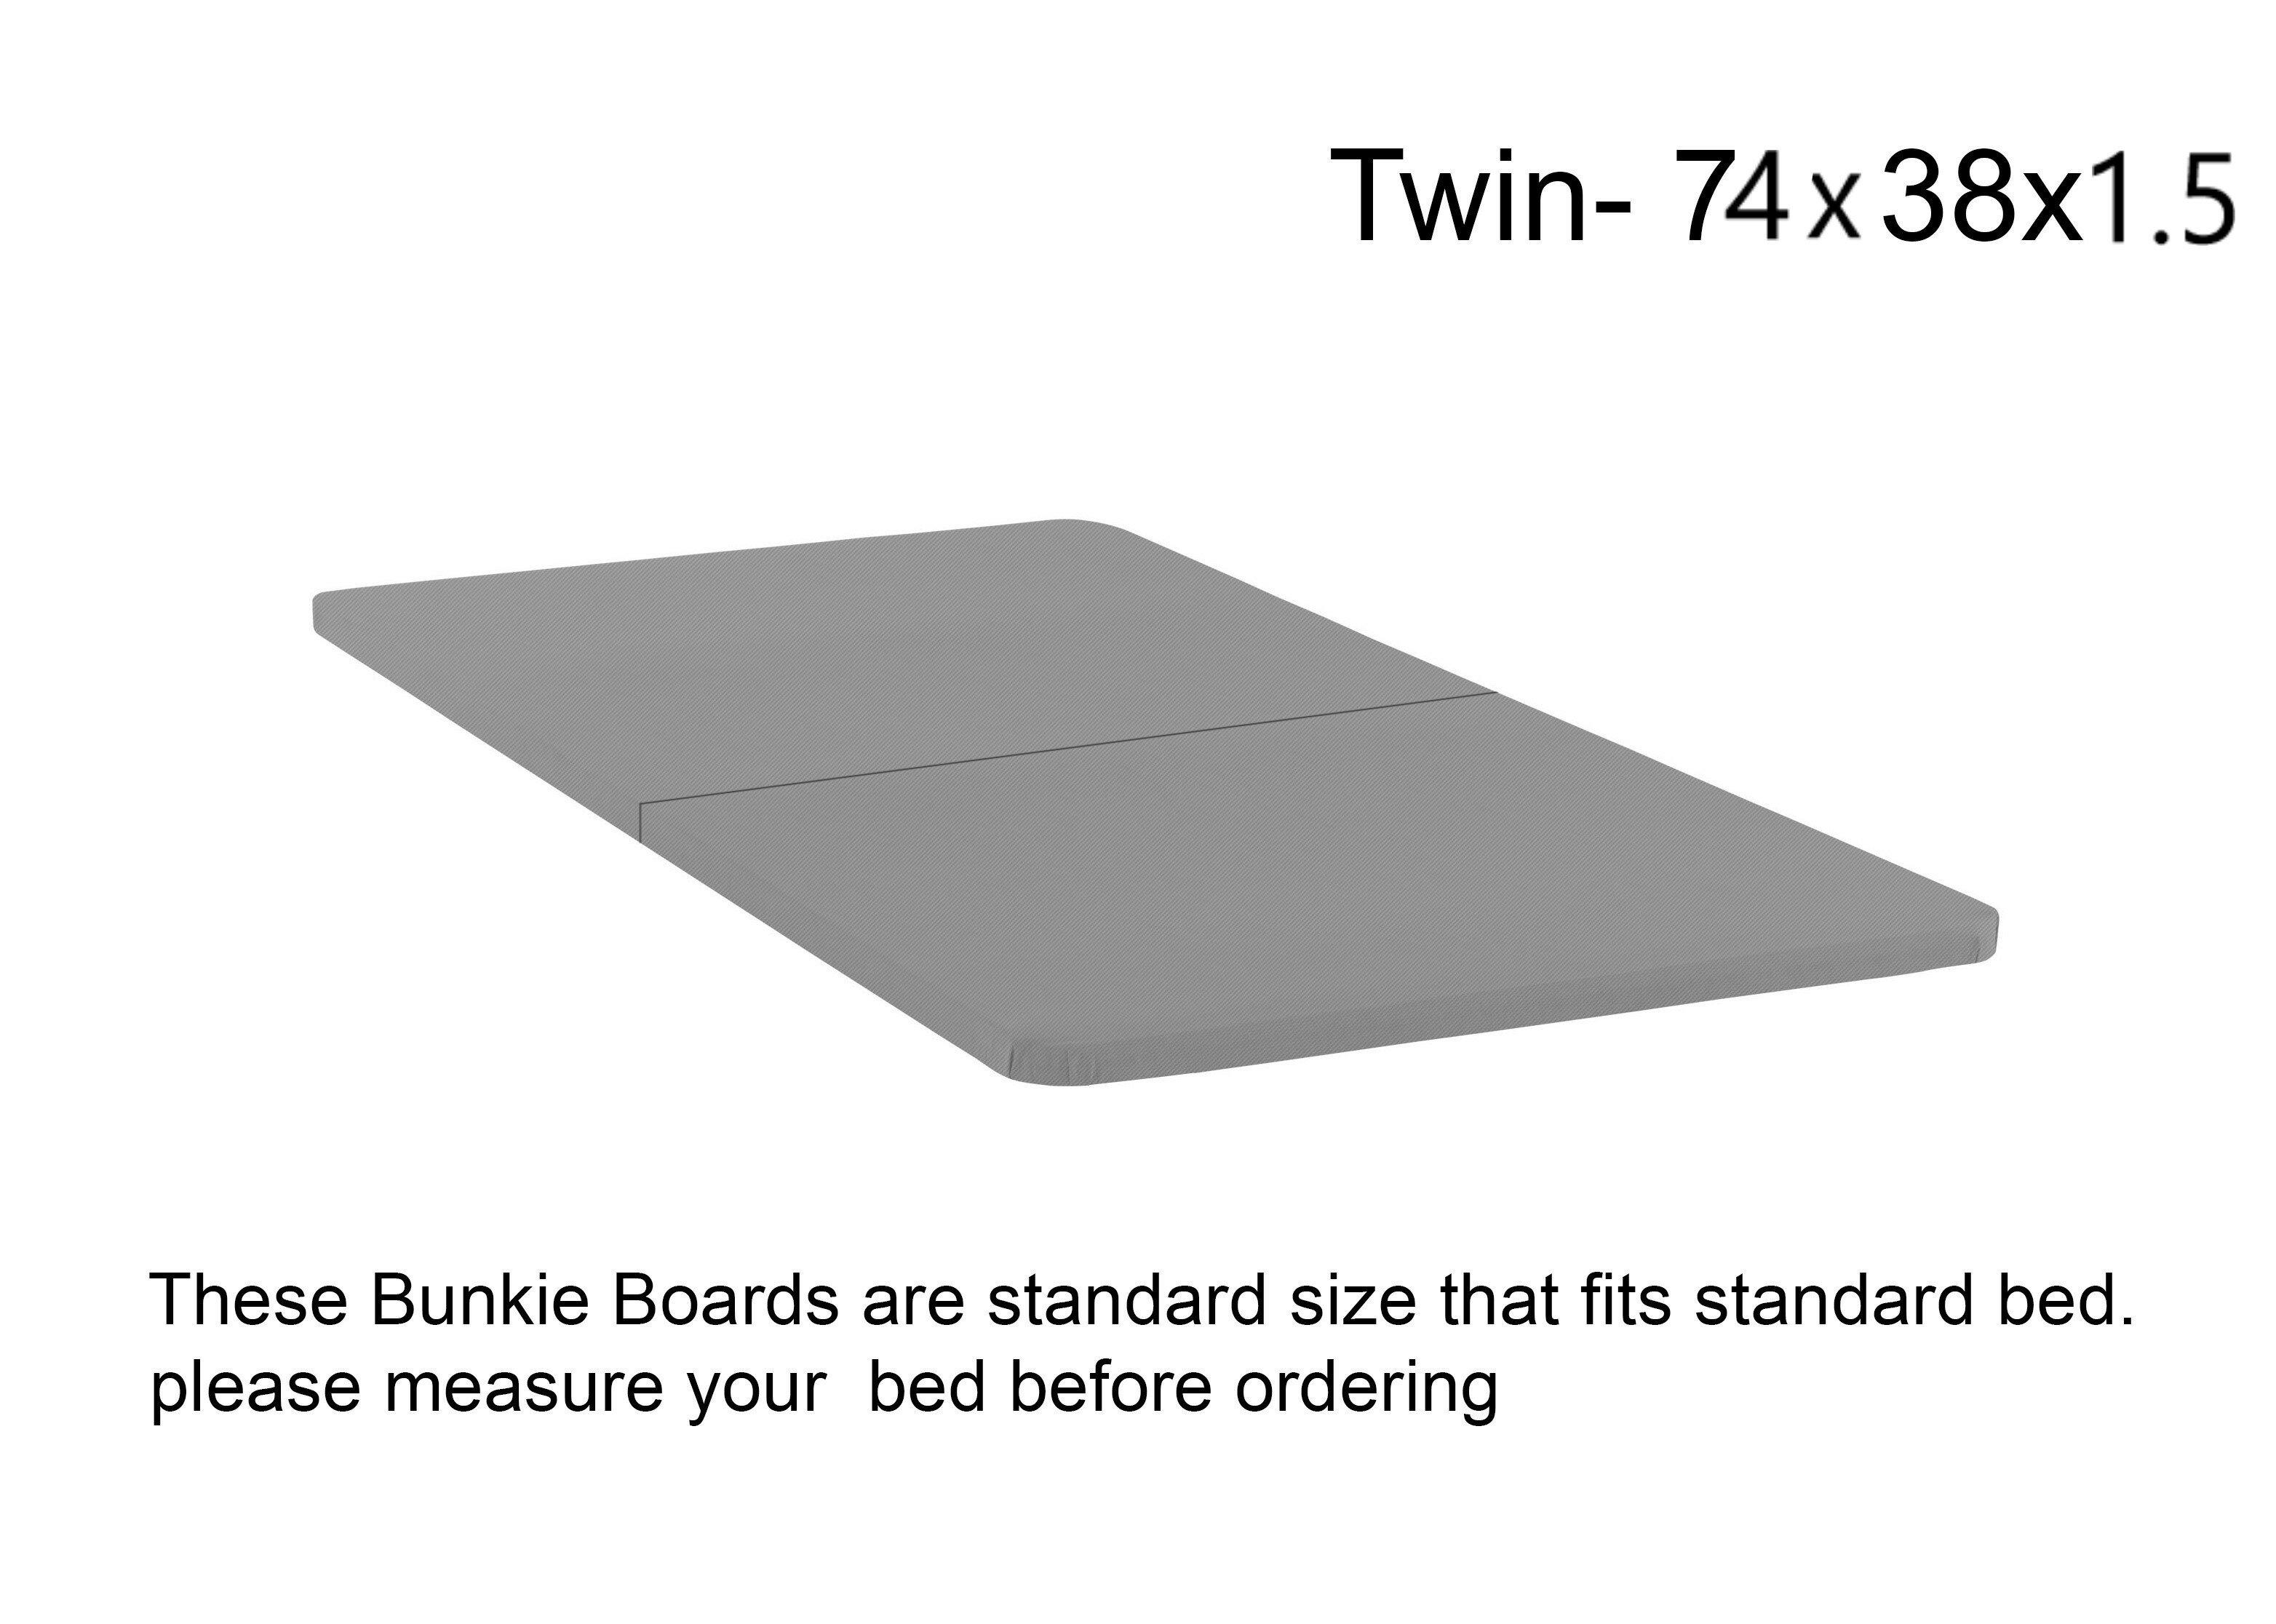 Alwyn Home Audra Folding Wood Bunkie Board